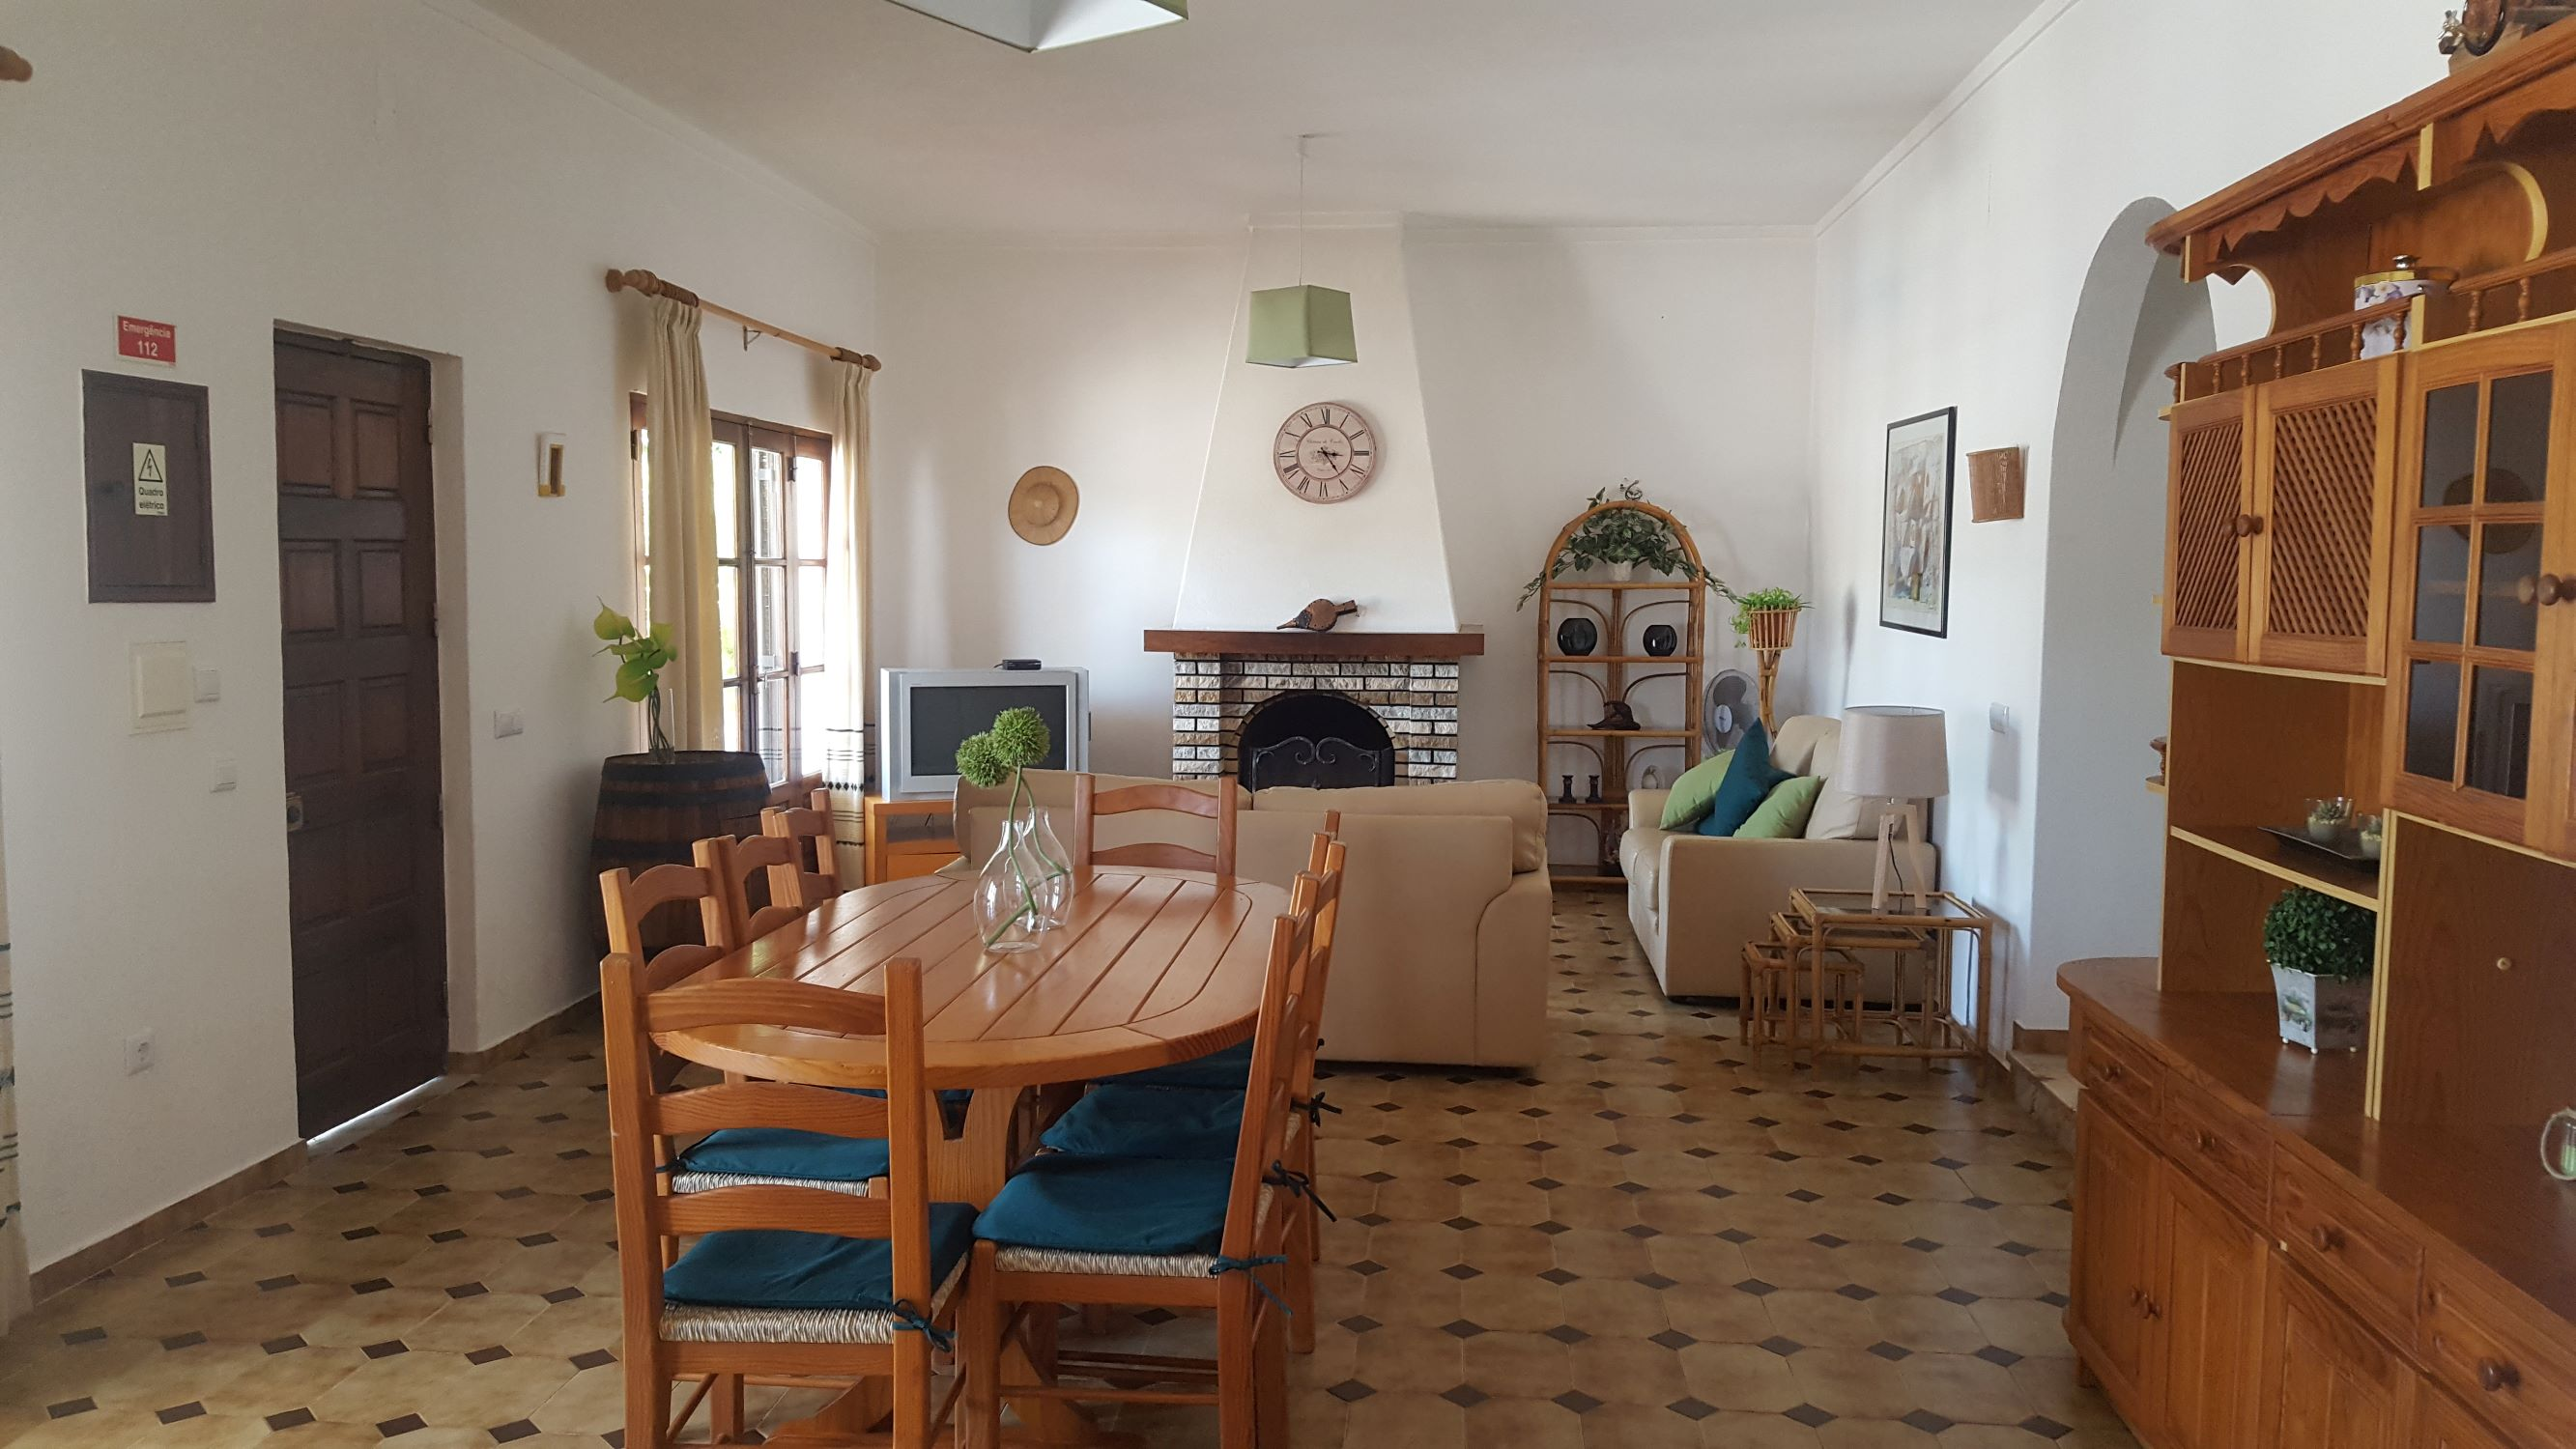 Location appartements et villas de vacance, Vivenda com piscina em Silves à Silves, Portugal Algarve, REF_IMG_8068_8084